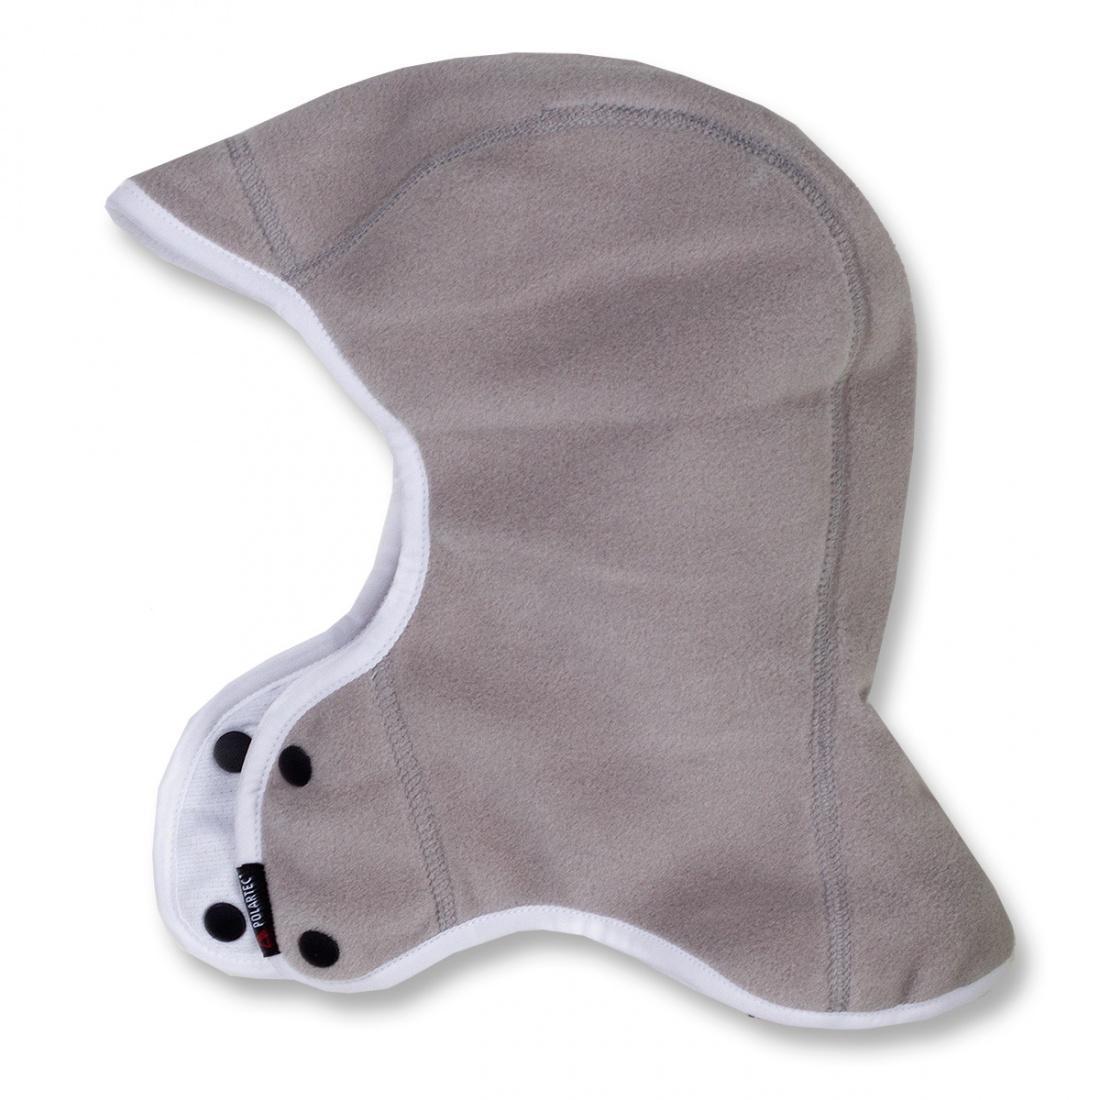 Шапка Cub II ДетскаяШапки<br><br> Легкая, удобная шапочка. Безупречно облегает голову ребенка, закрывая лоб и уши. Незаменима при ненастнойпогоде поздней осеньюлиботеплой зимой.<br><br><br> <br><br><br>Материал –Polartec® Classiс 200.<br> <br>Облегающи...<br><br>Цвет: Серый<br>Размер: XXS